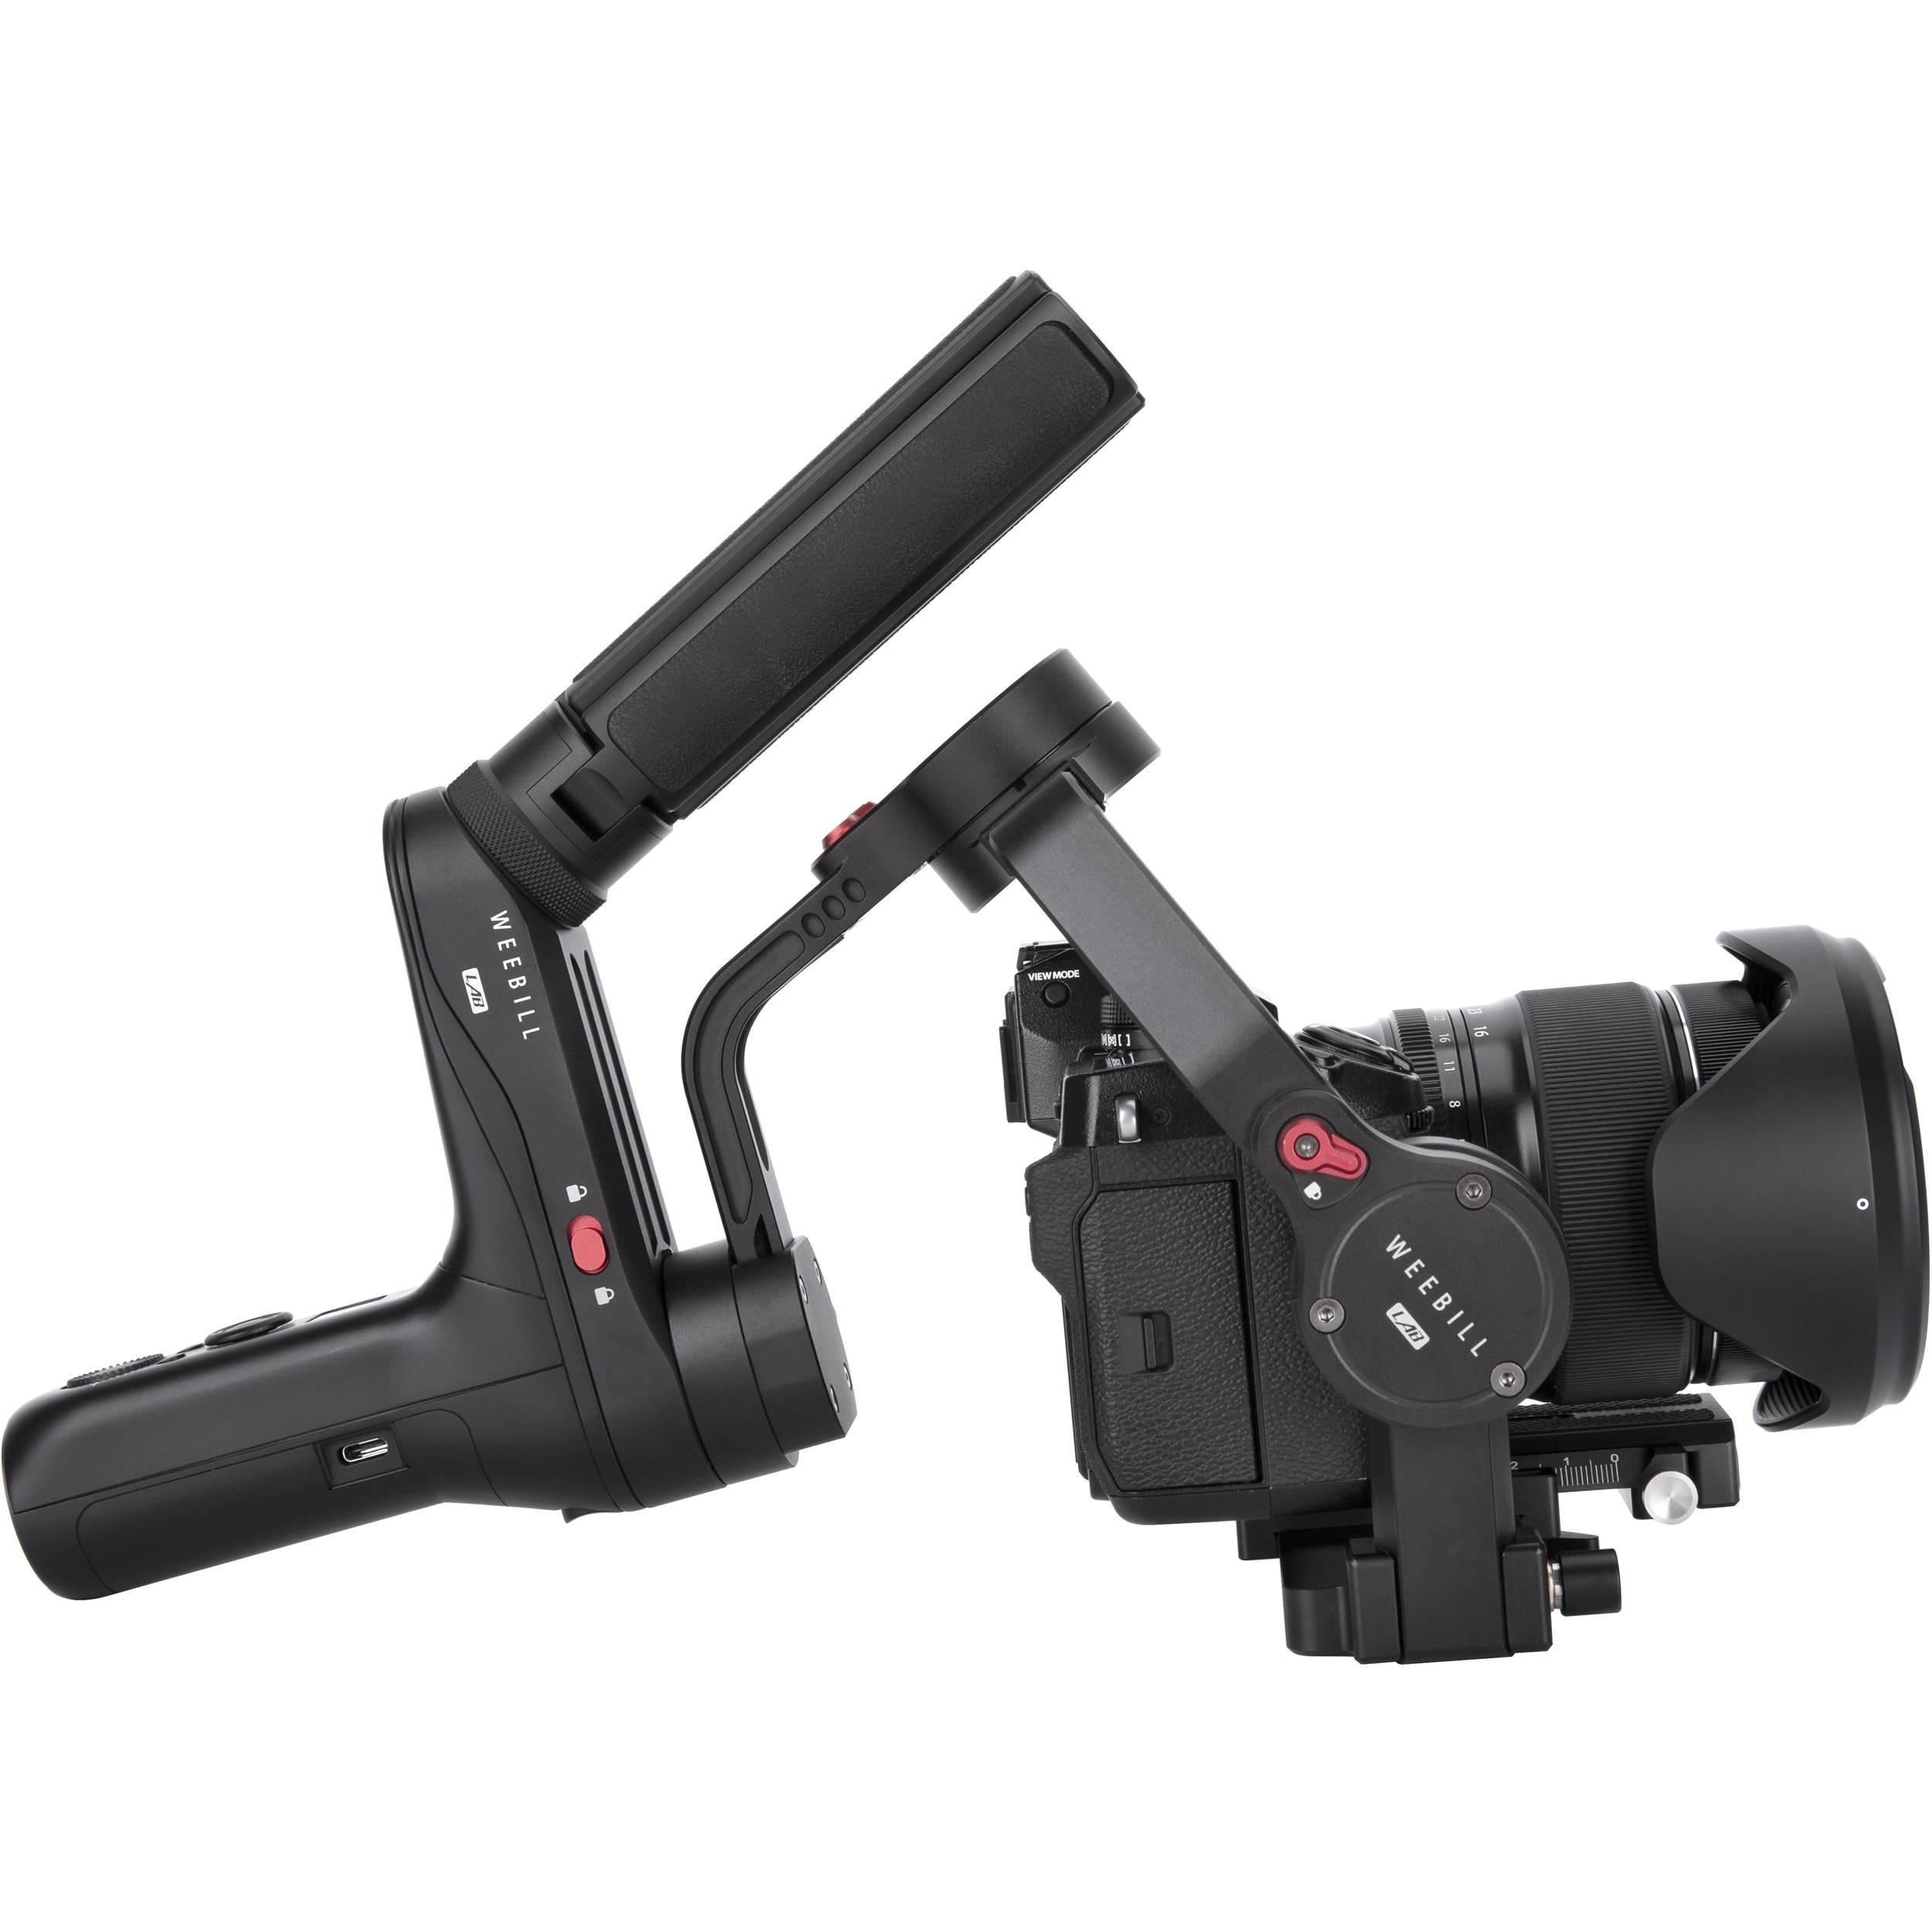 Zhiyun-Tech WEEBILL LAB Handheld Stabilizer for Mirrorless Cameras